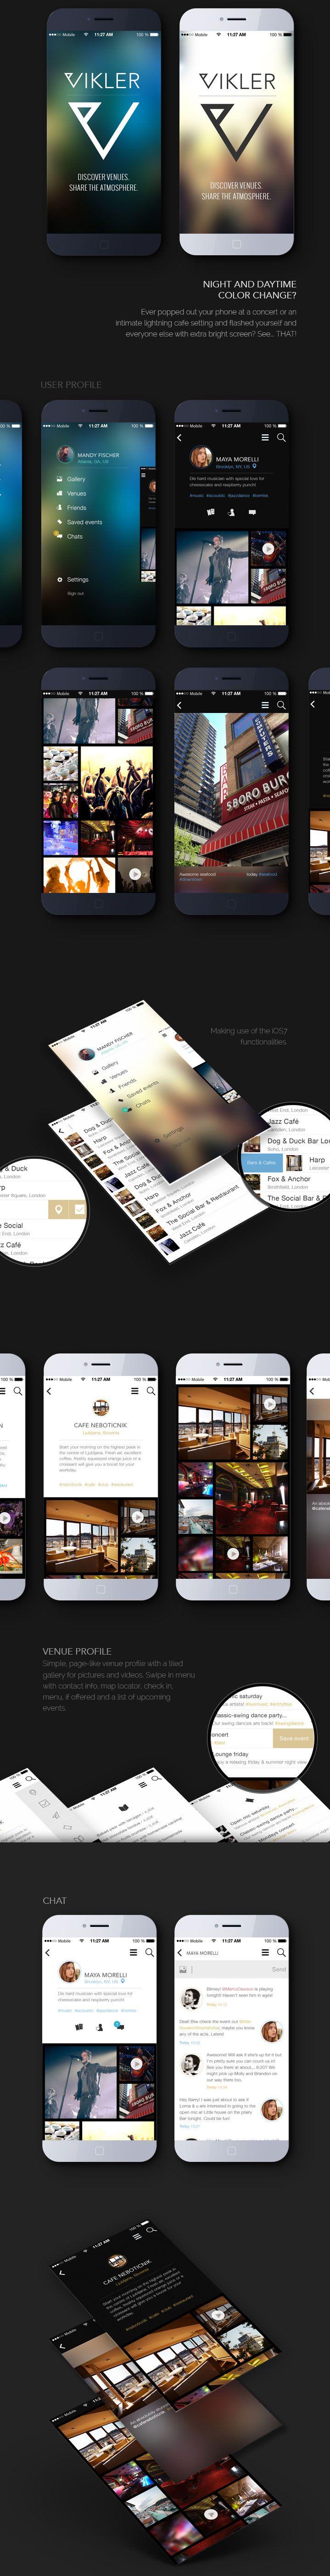 Daily Mobile UI Design Inspiration #185